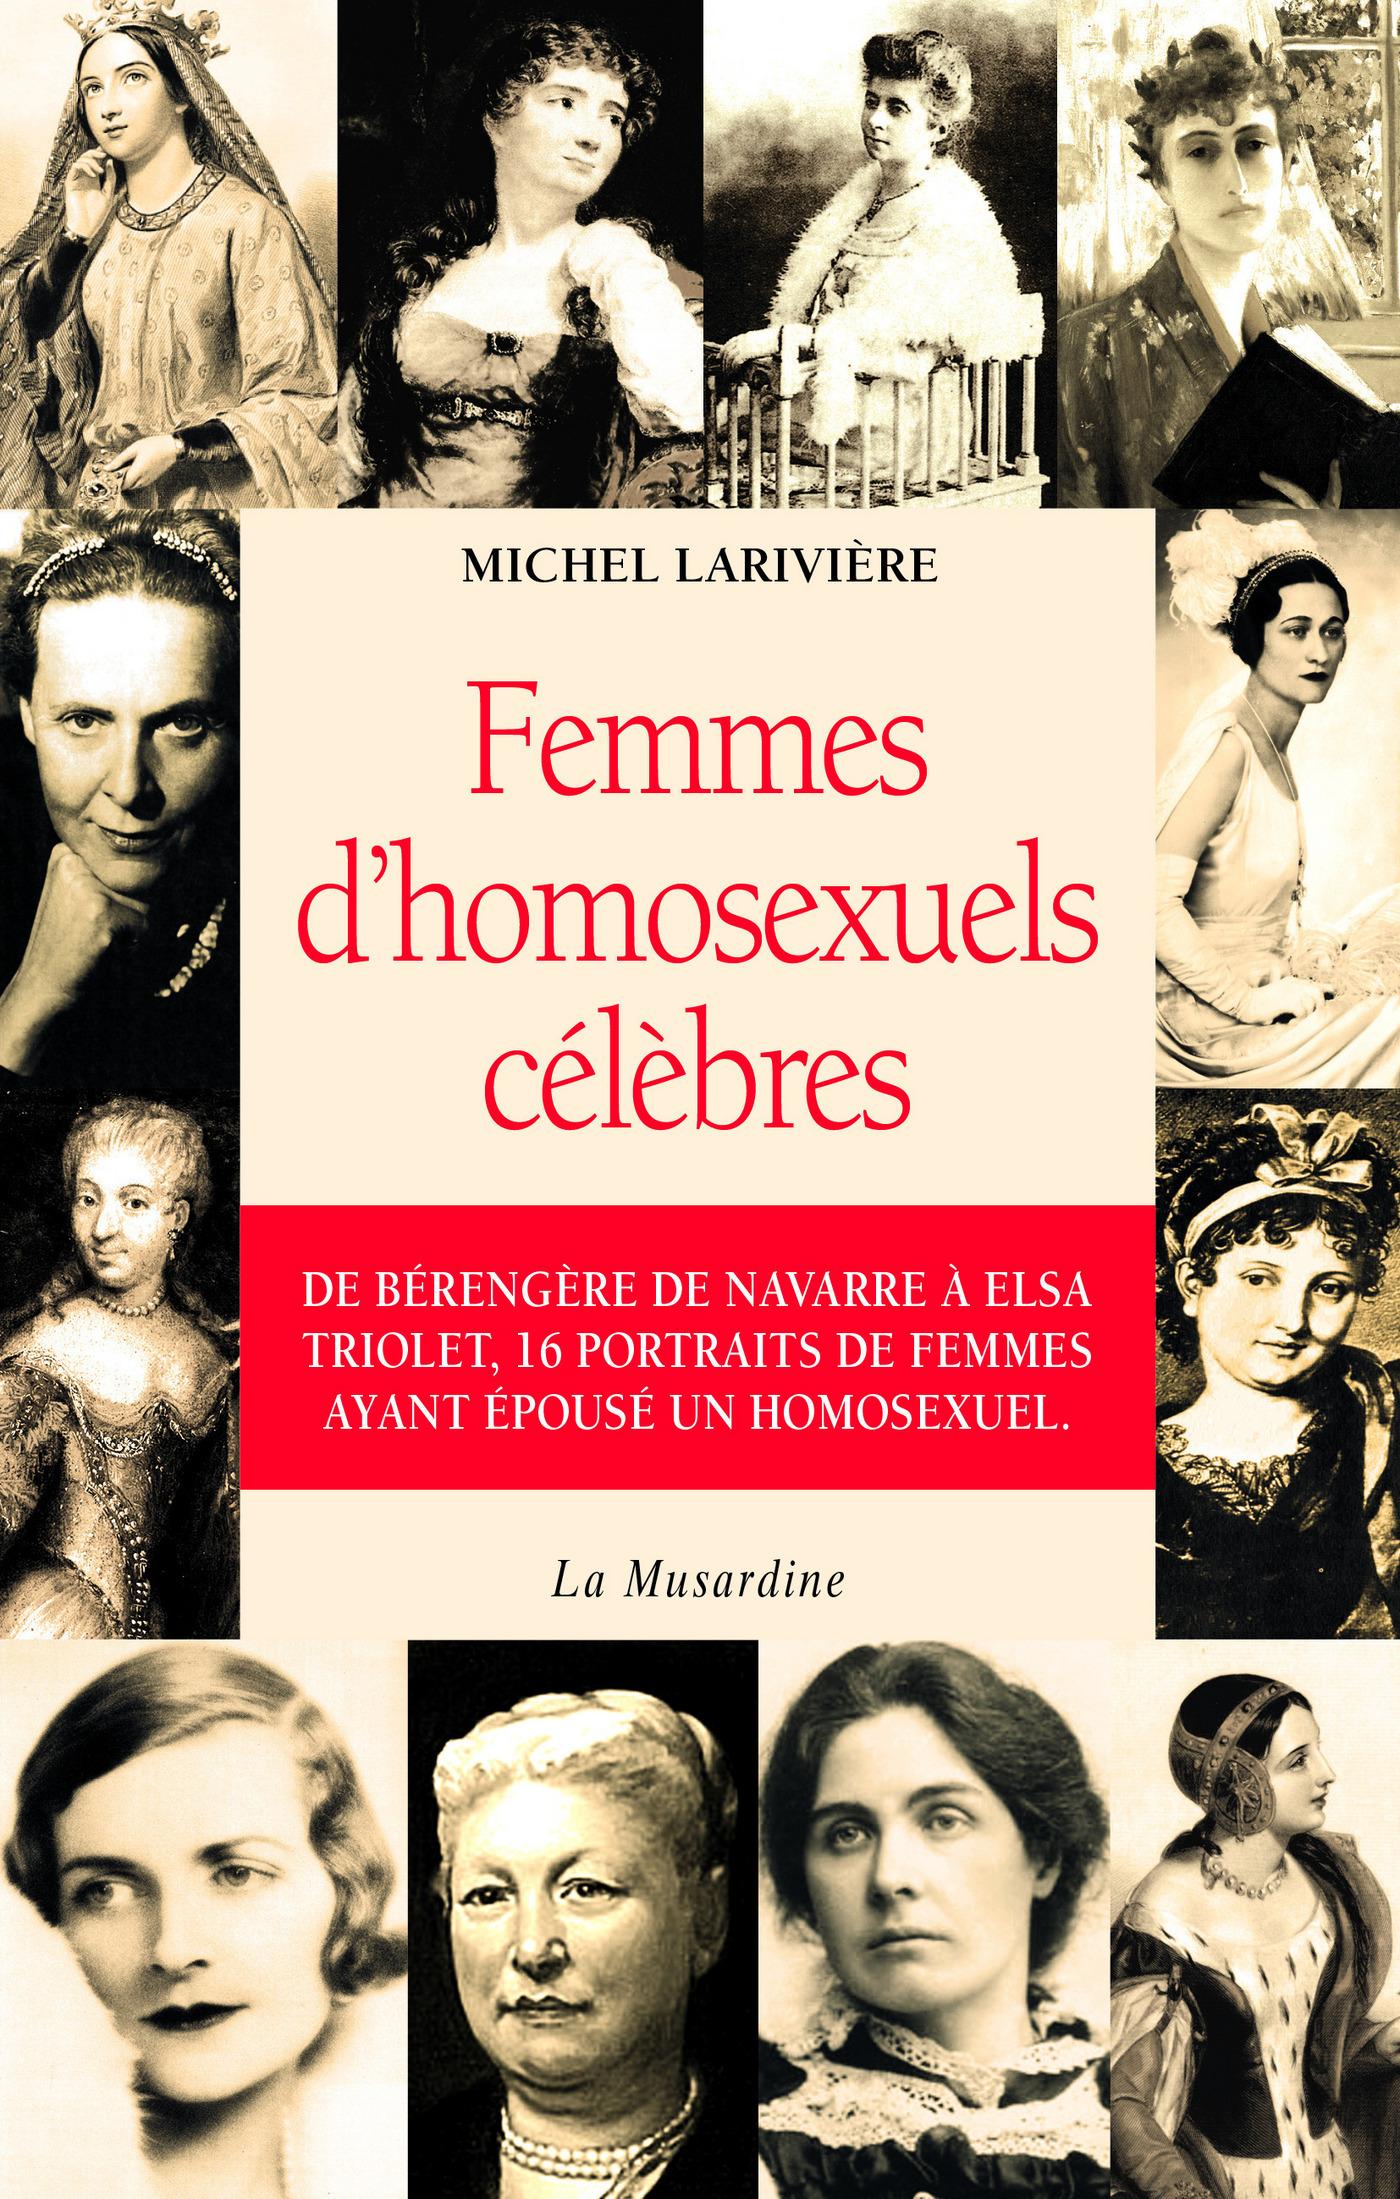 Les personnes homosexuelles célèbres dans l'histoire